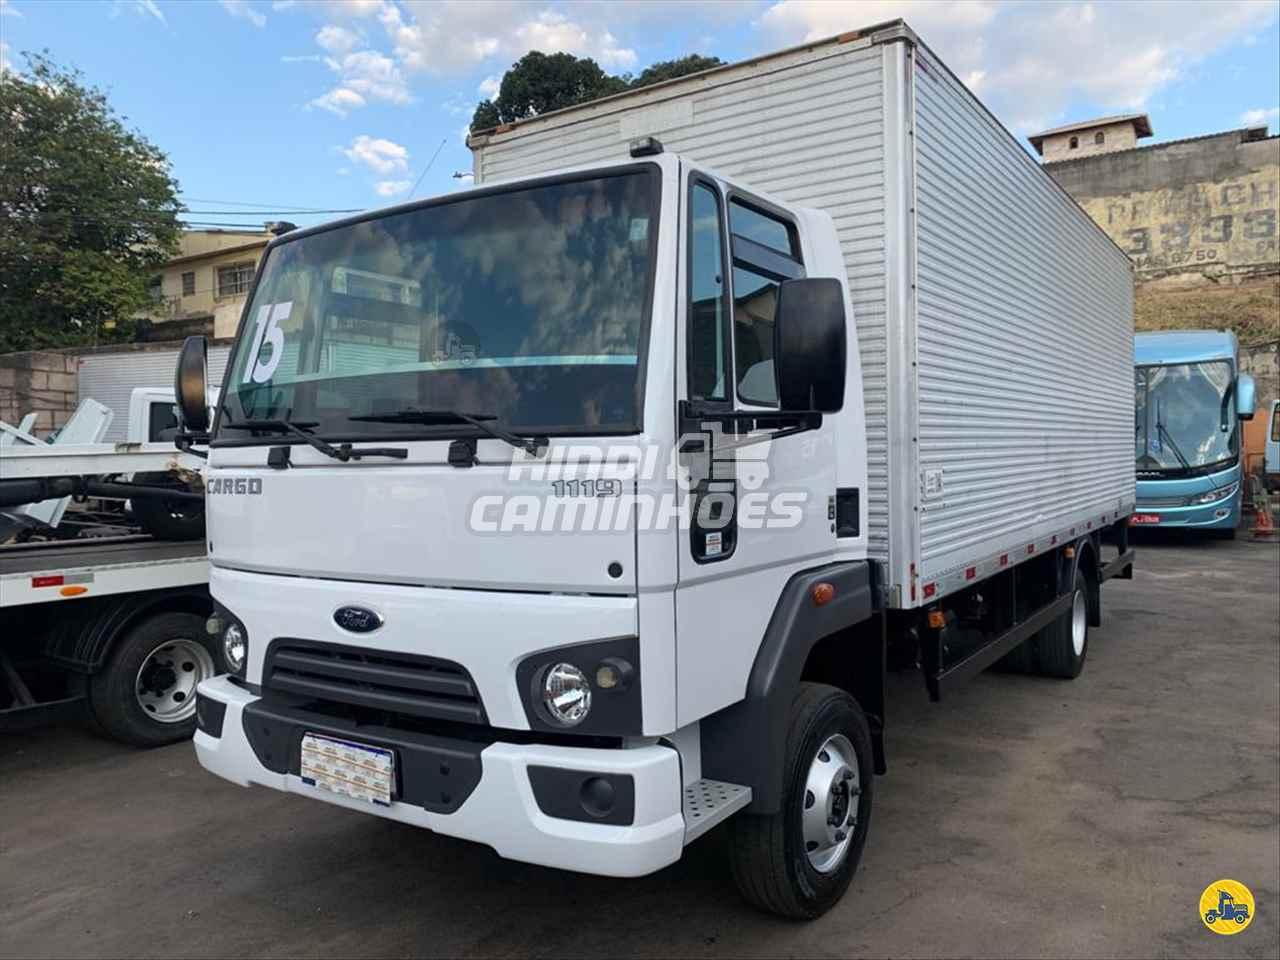 CARGO 1119 de Hindi Caminhões - CONTAGEM/MG